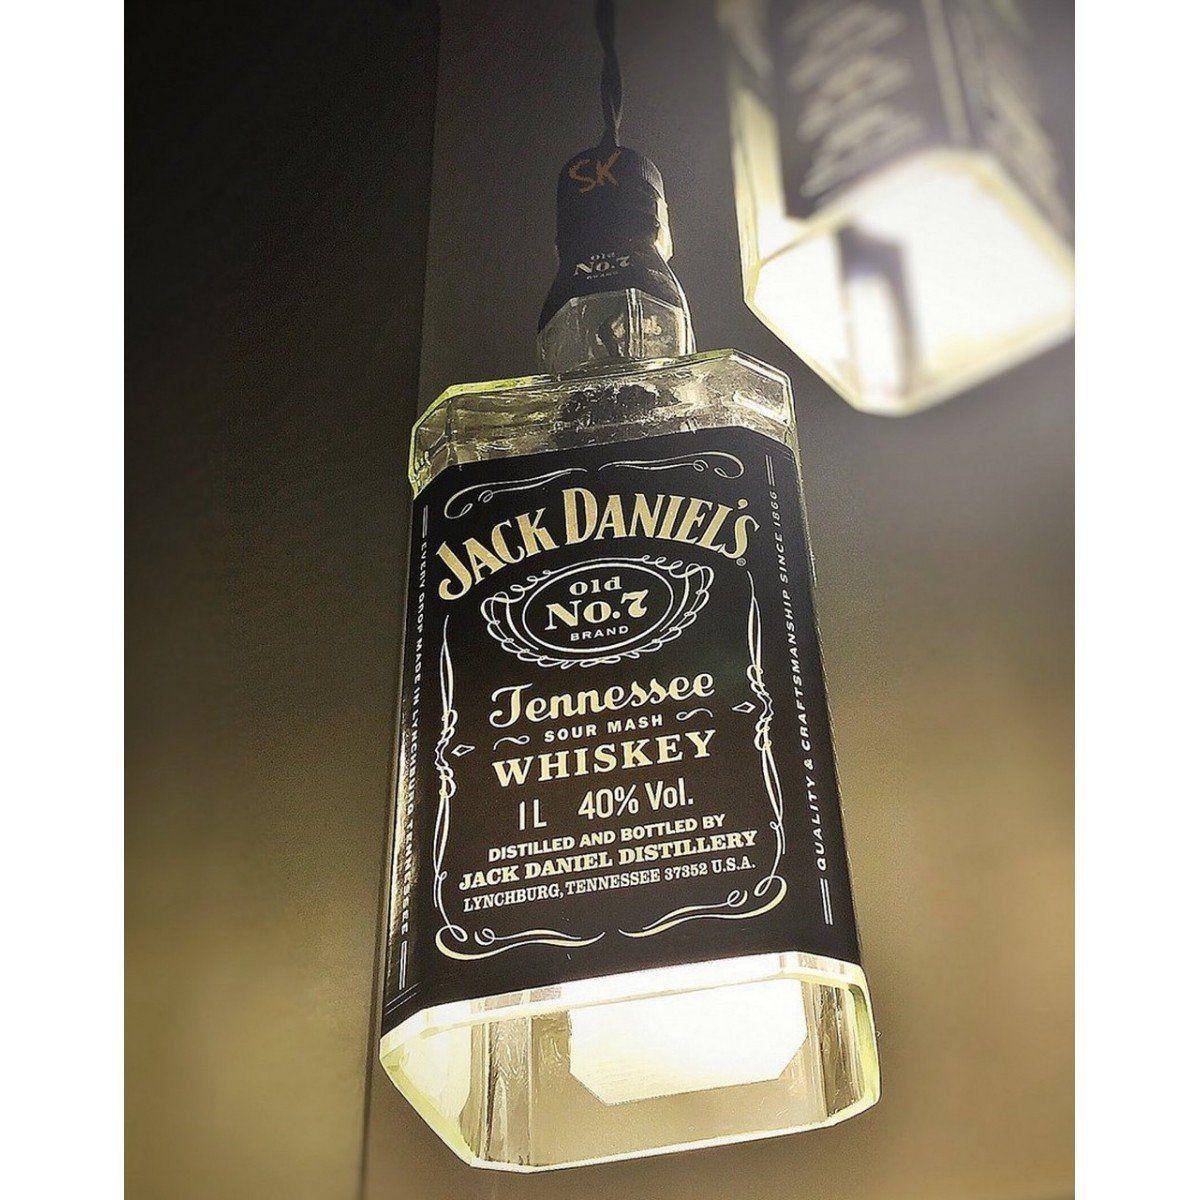 Lustre de 1 Garrafa de Jack Daniel's